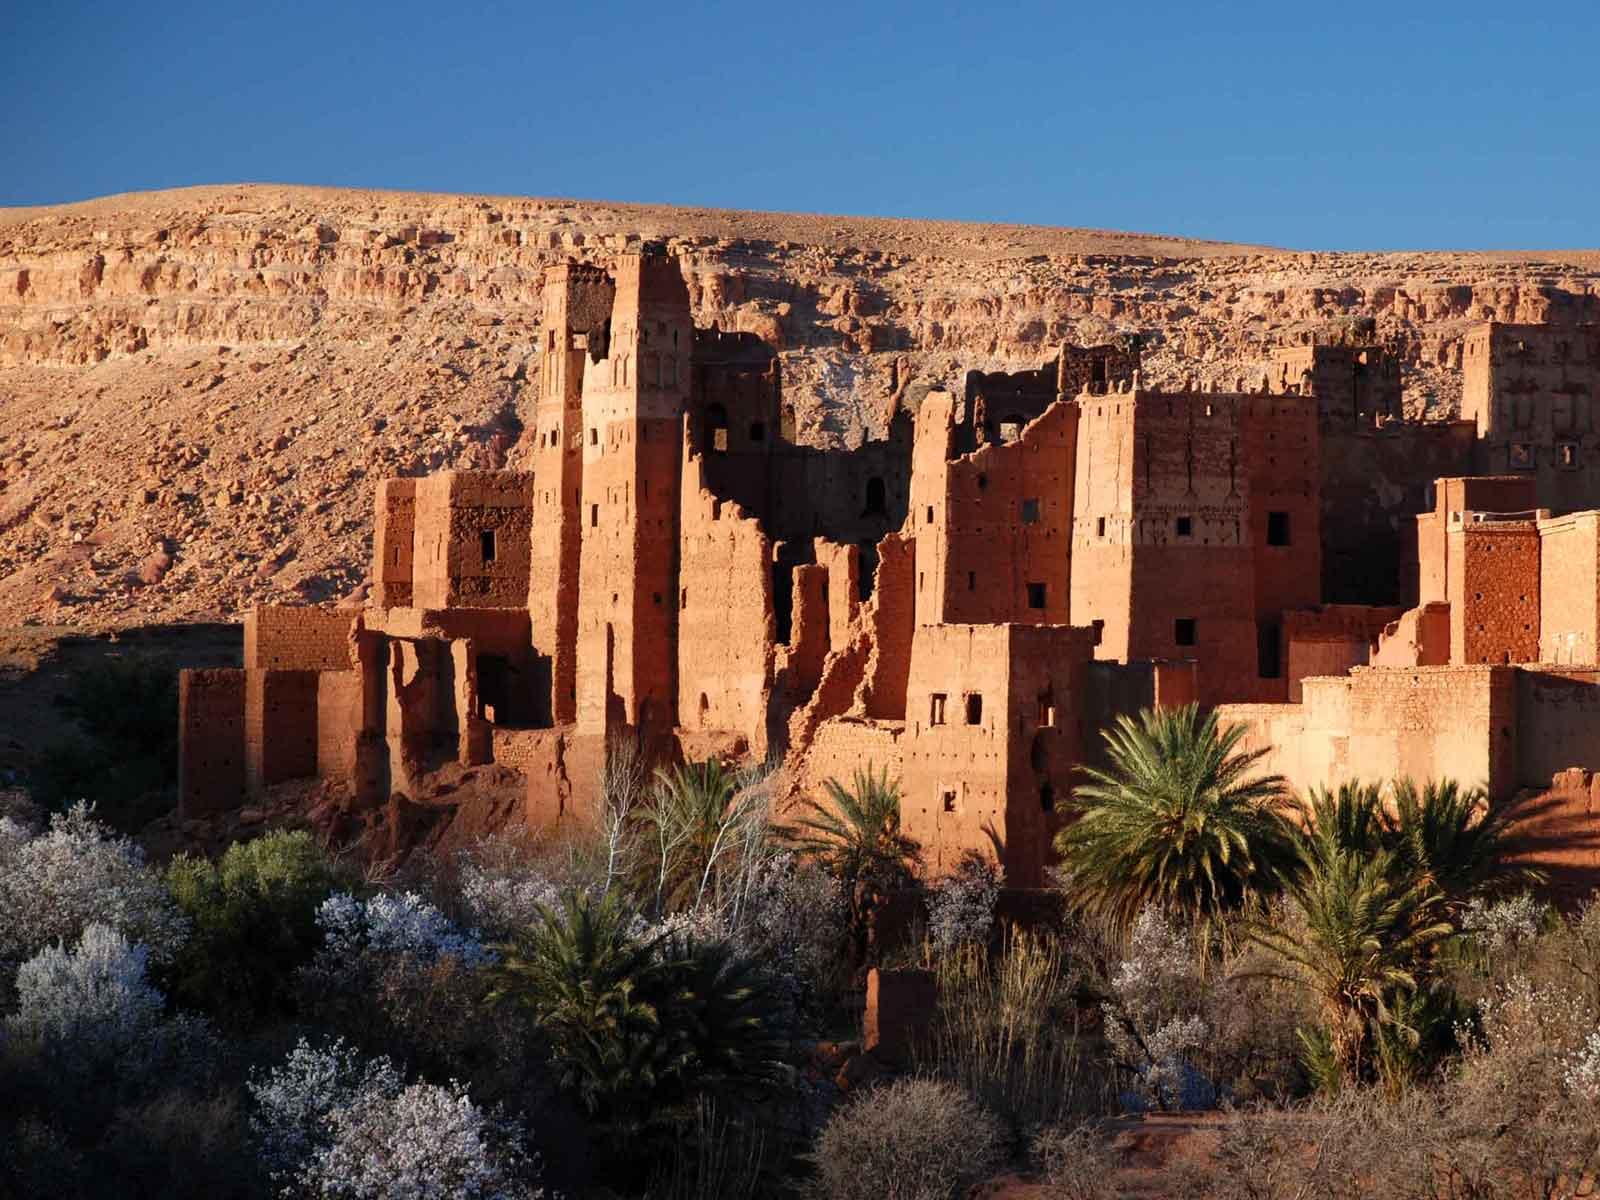 Morocco desert tour from marrakech to zagora